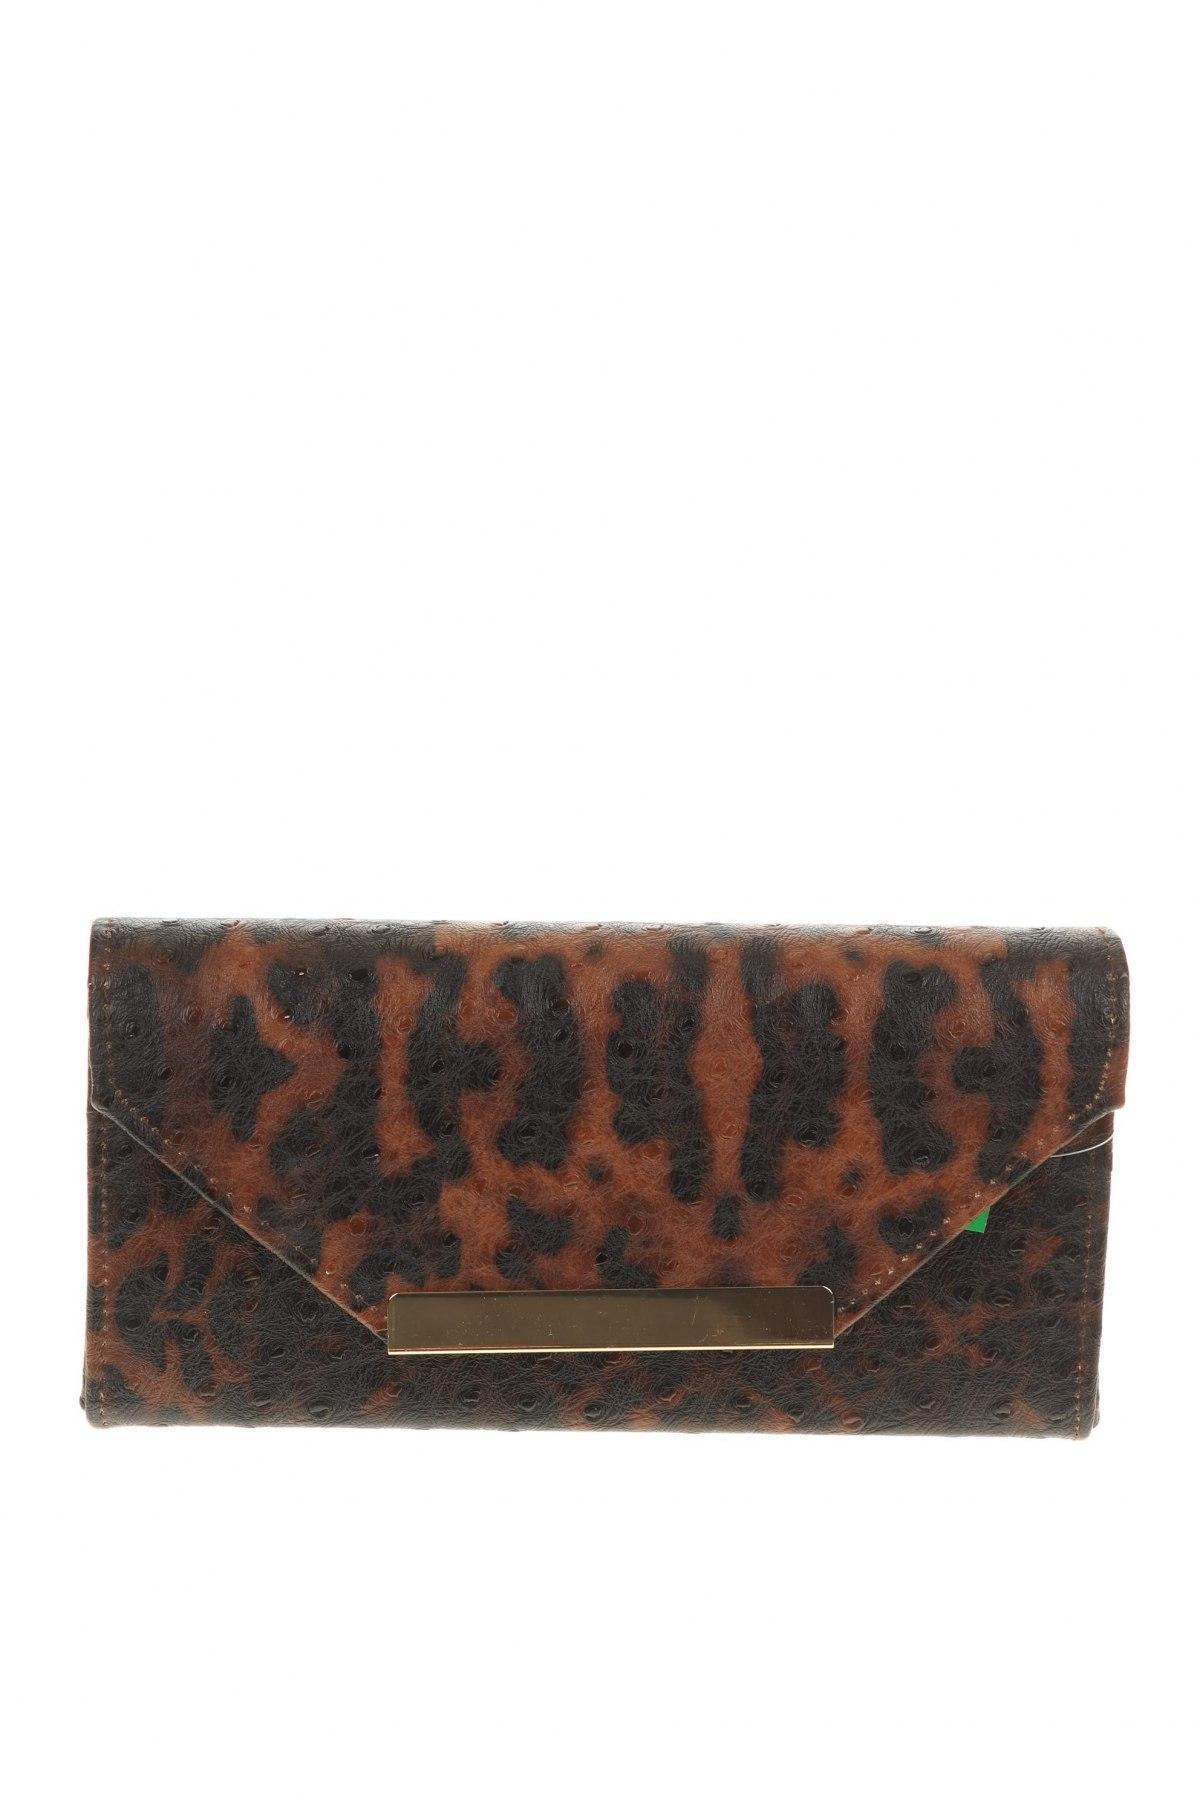 Дамска чанта Verde, Цвят Кафяв, Еко кожа, Цена 9,80лв.